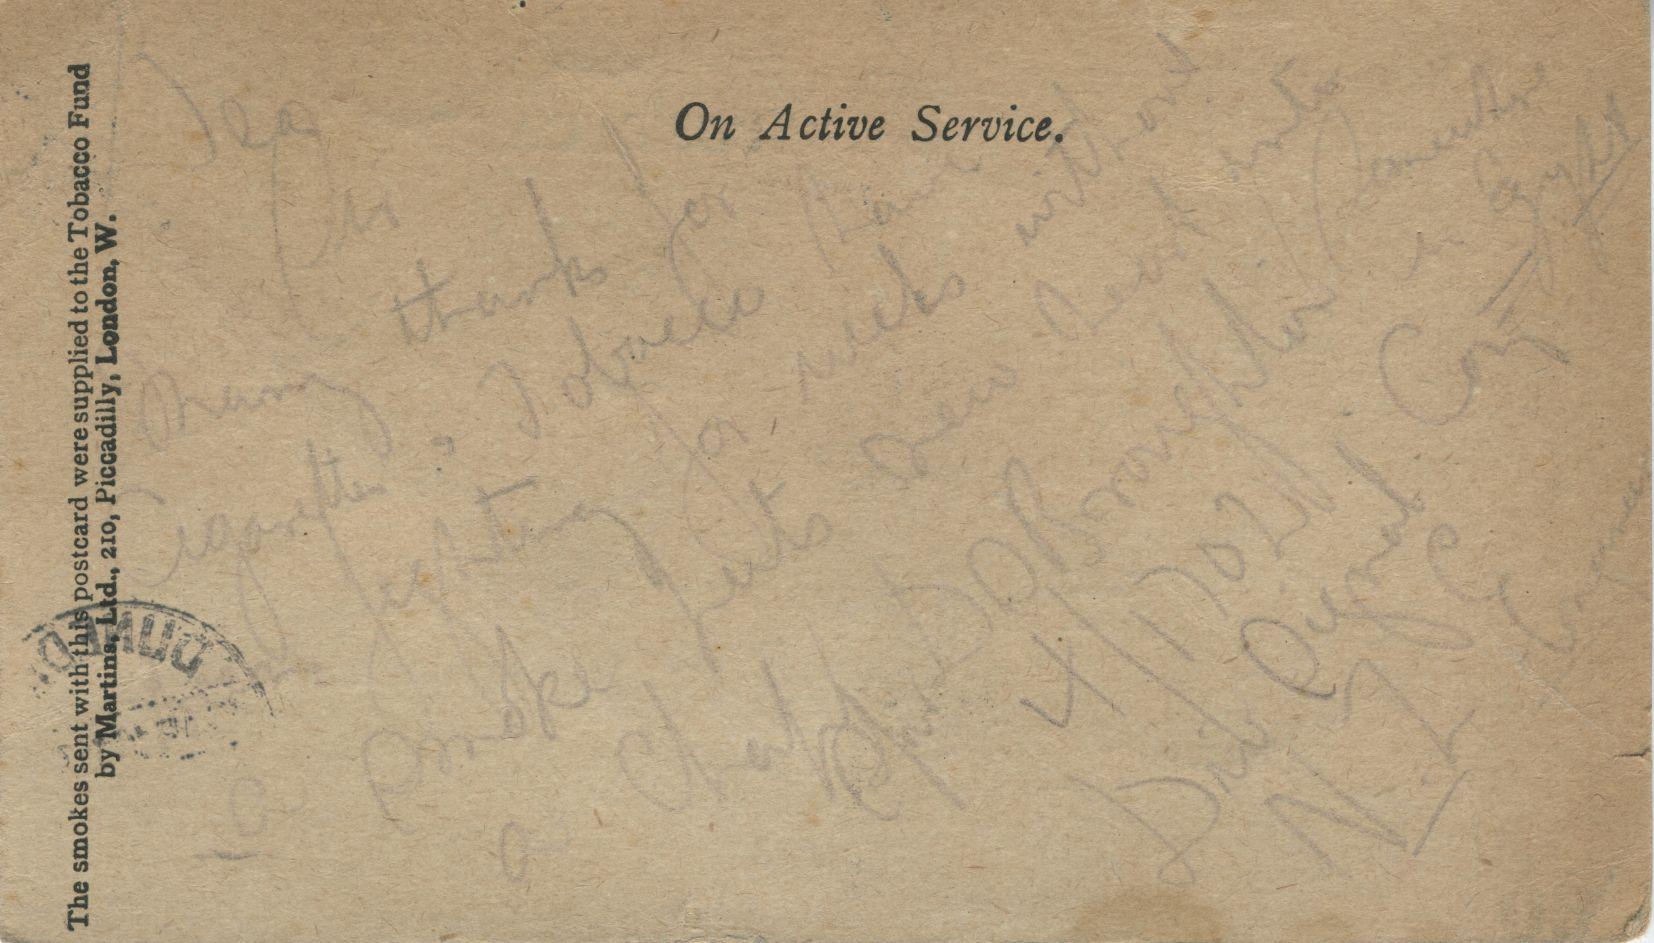 Dudley Seabrook Broughton to W B McEwan, Dunedin. Postcard. London: Over-seas Club Tobacco Fund, [1915]